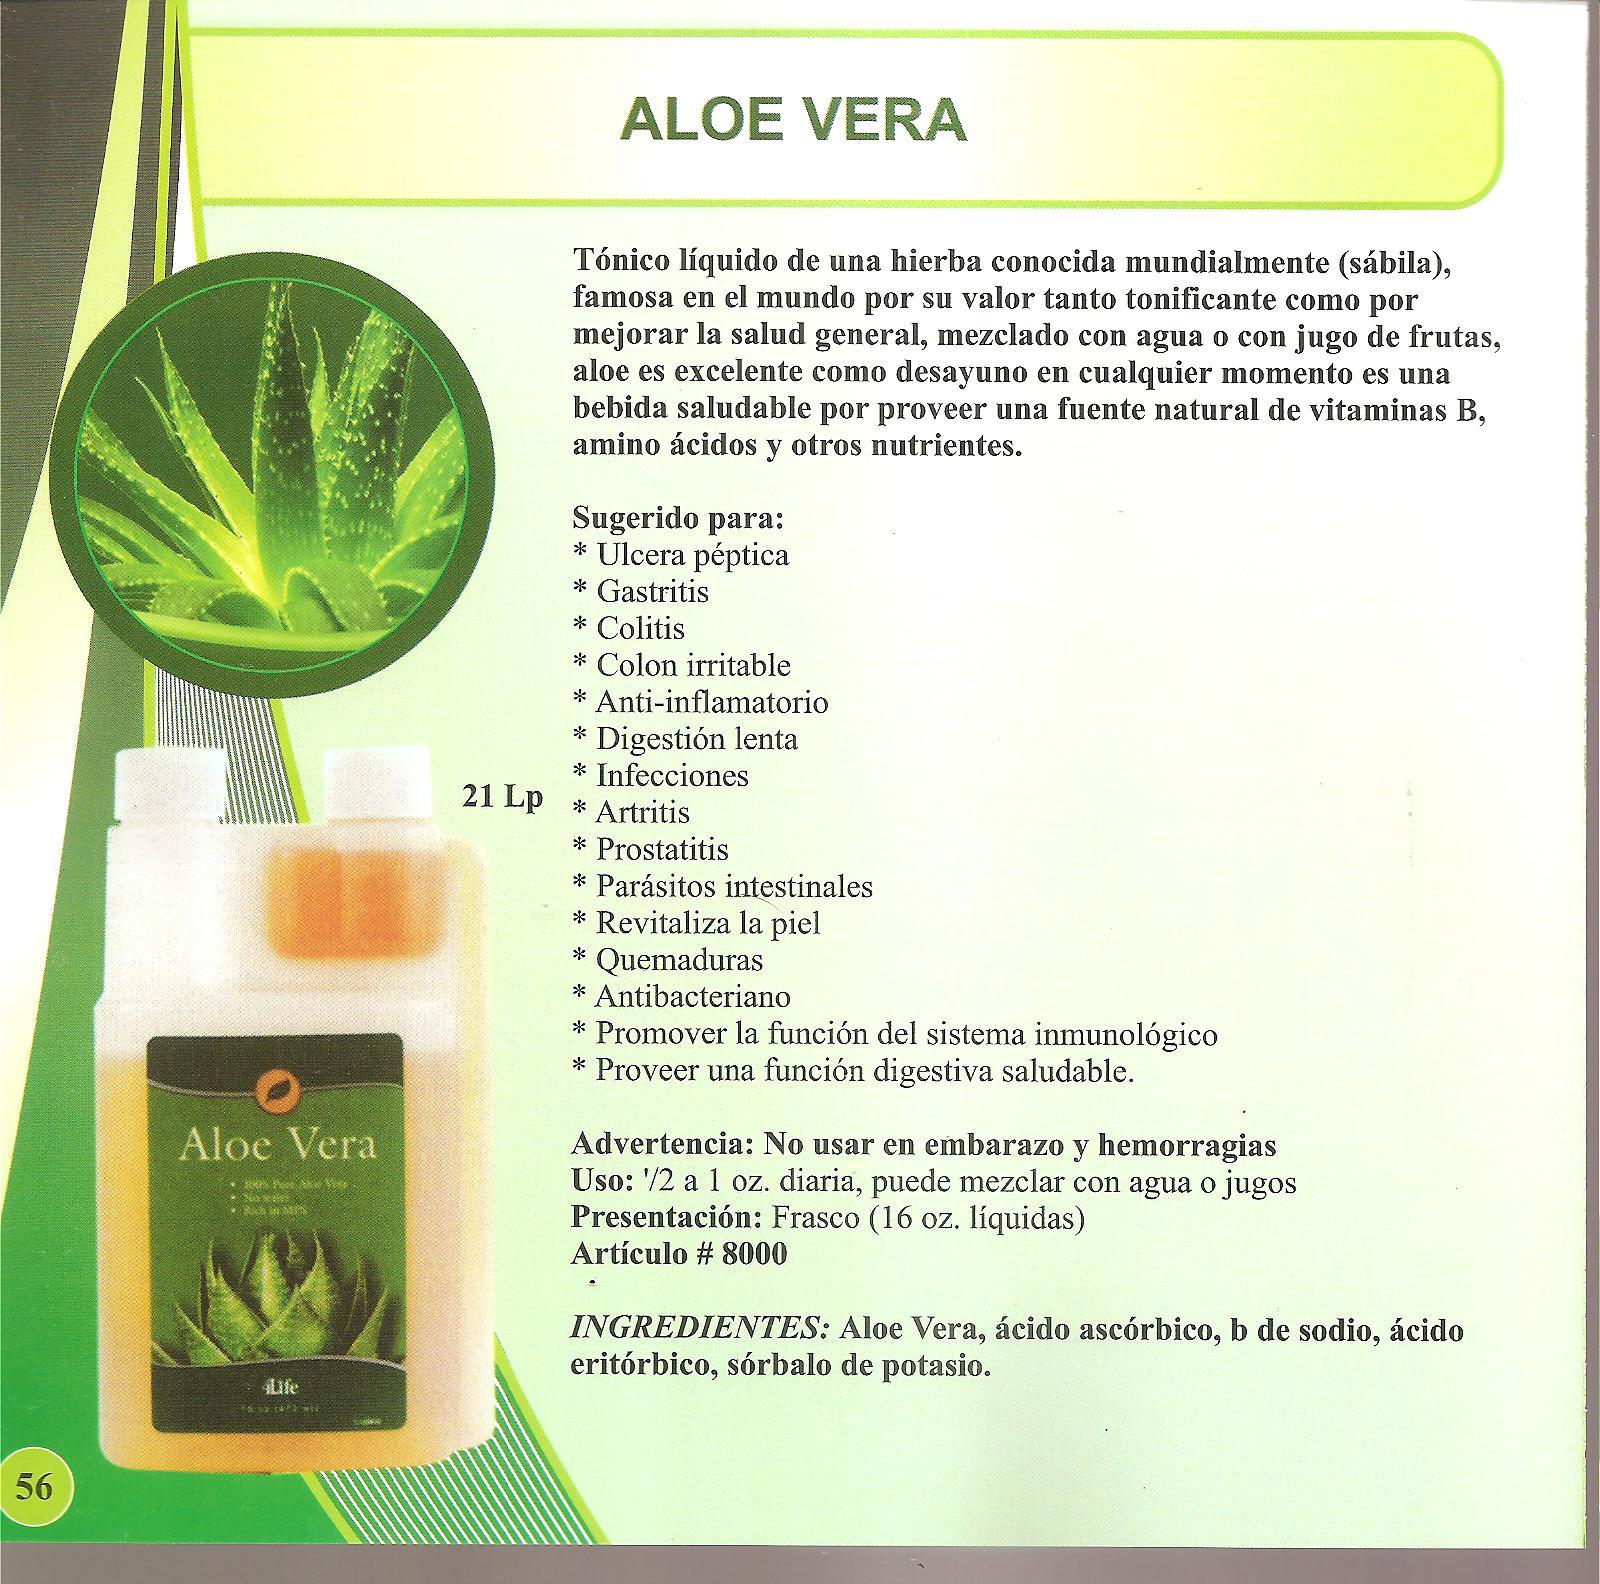 Aloe vera prosztatitis